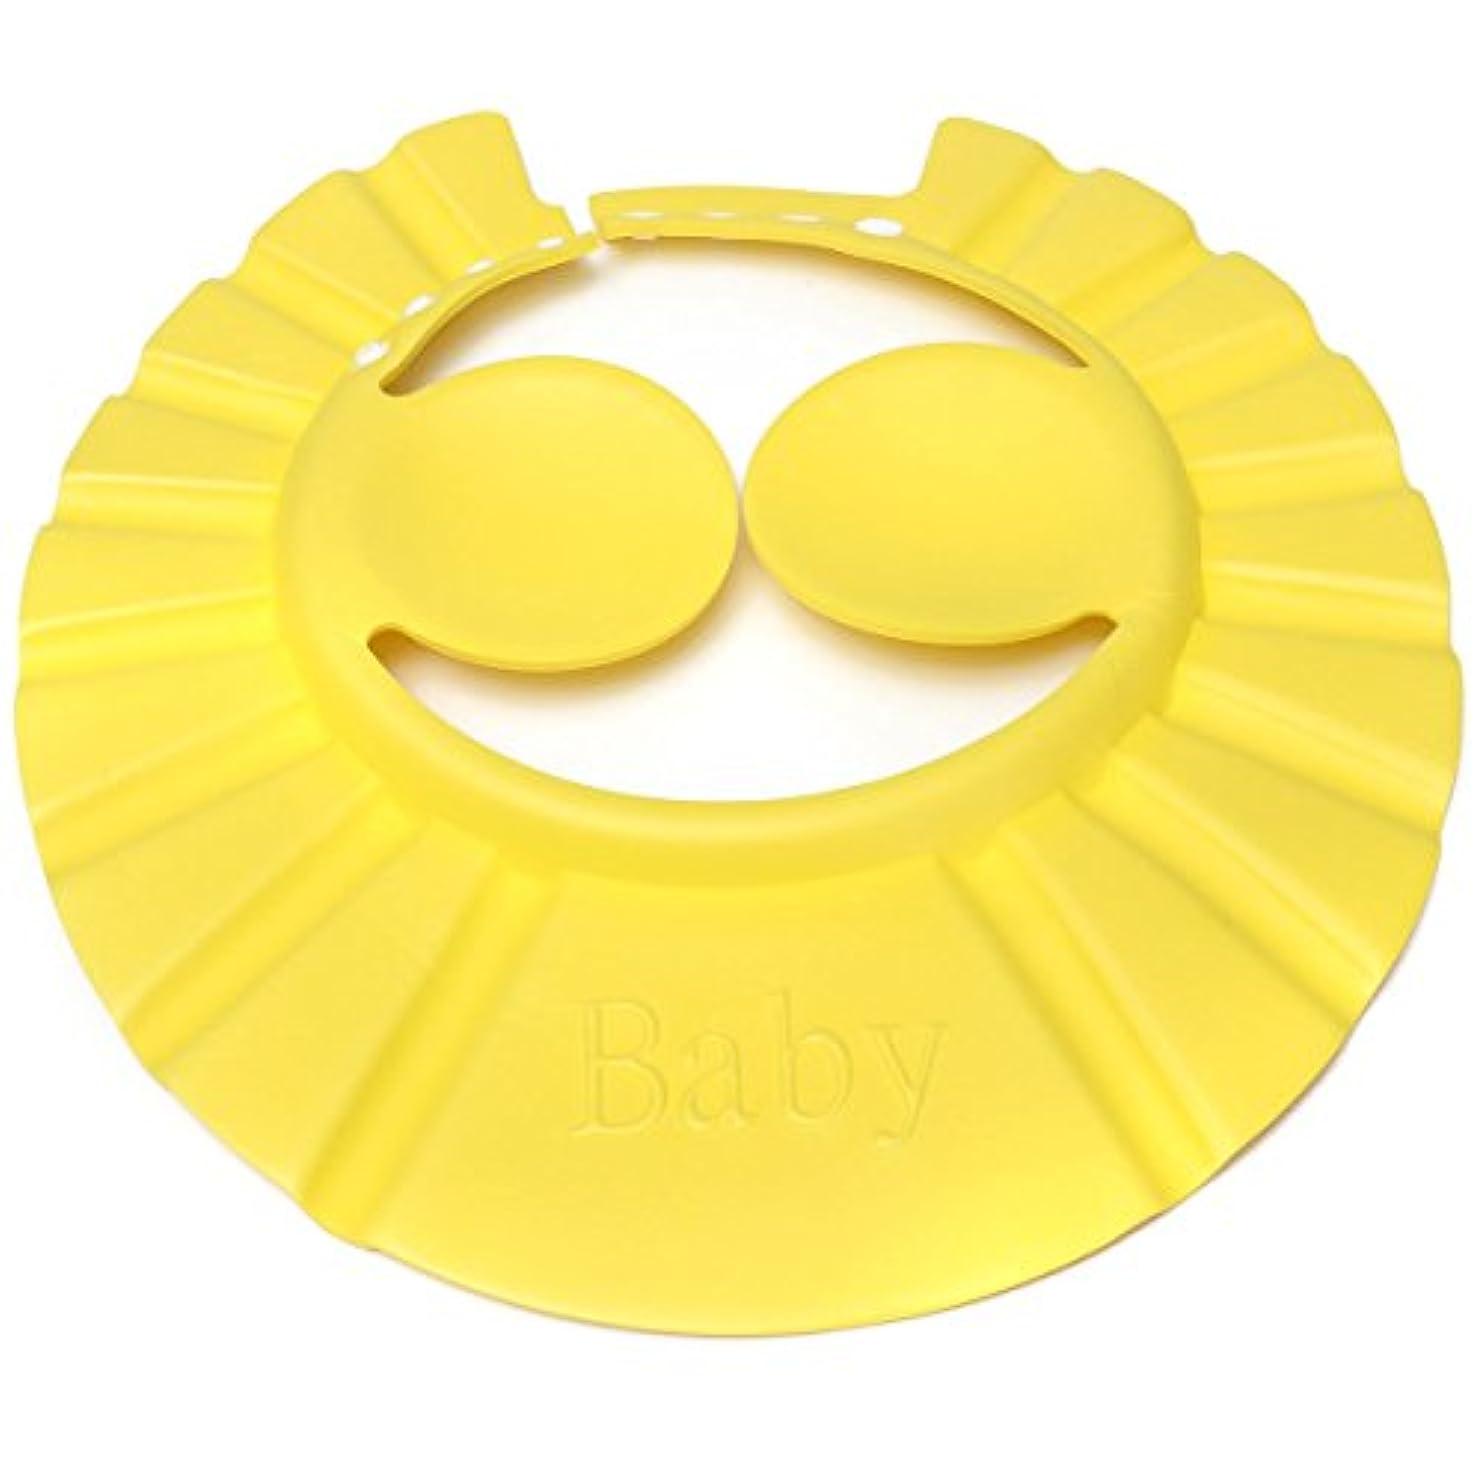 研究所暖かく腹部バスシャワーキャップ,SODIAL(R)赤ちゃん 子供 幼児のシャンプー お風呂 シャワー キャップハット 髪を洗うシールド 黄色